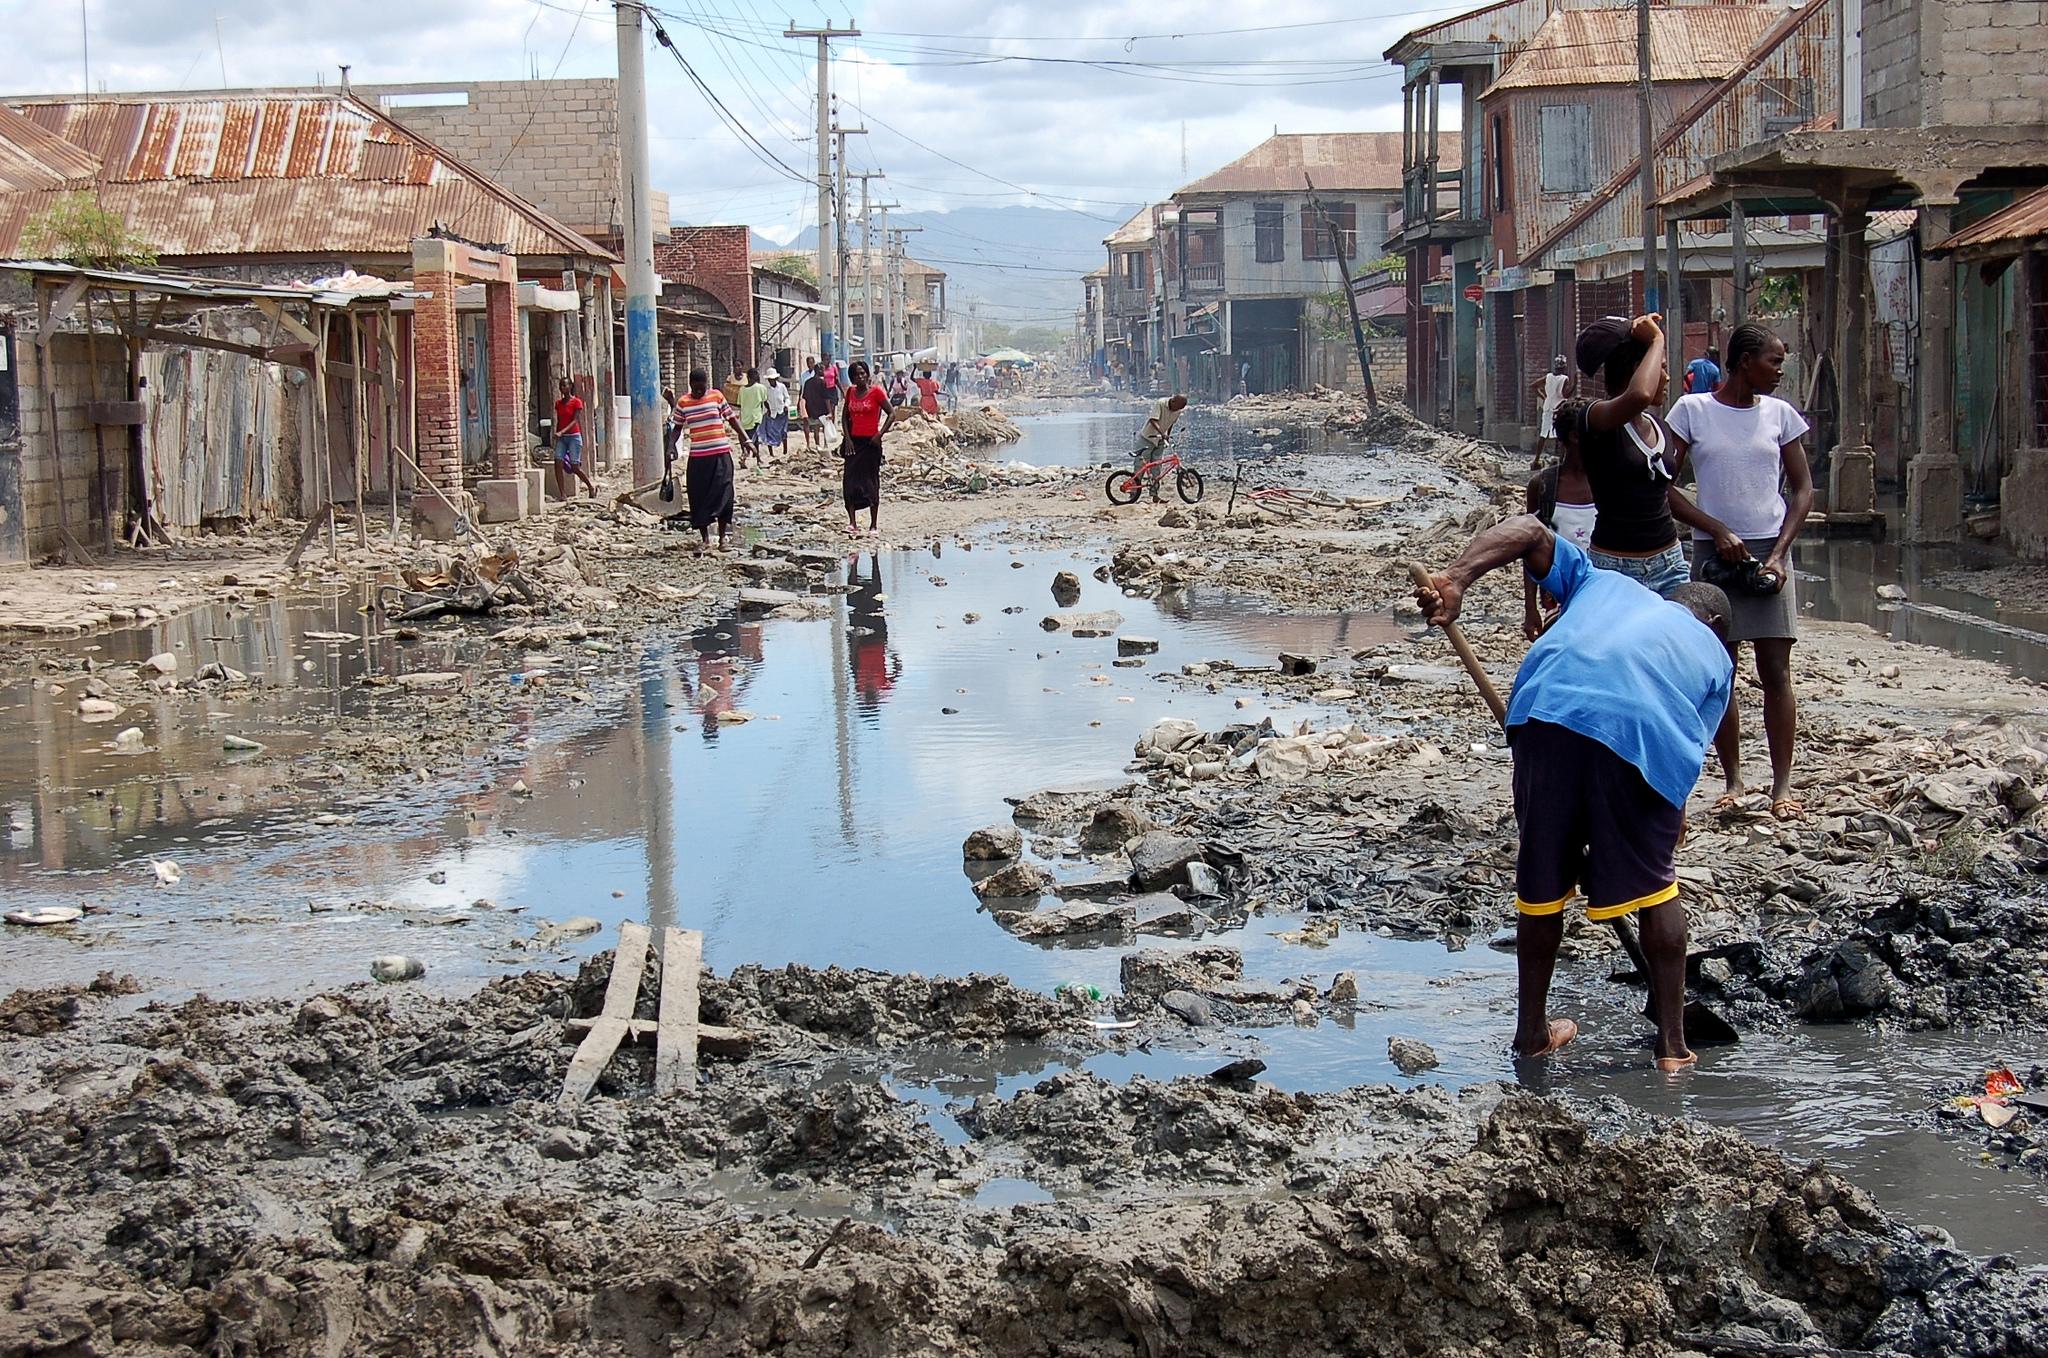 Investimentos dos países em saneamento não estão sendo suficientes, alerta relatório da ONU